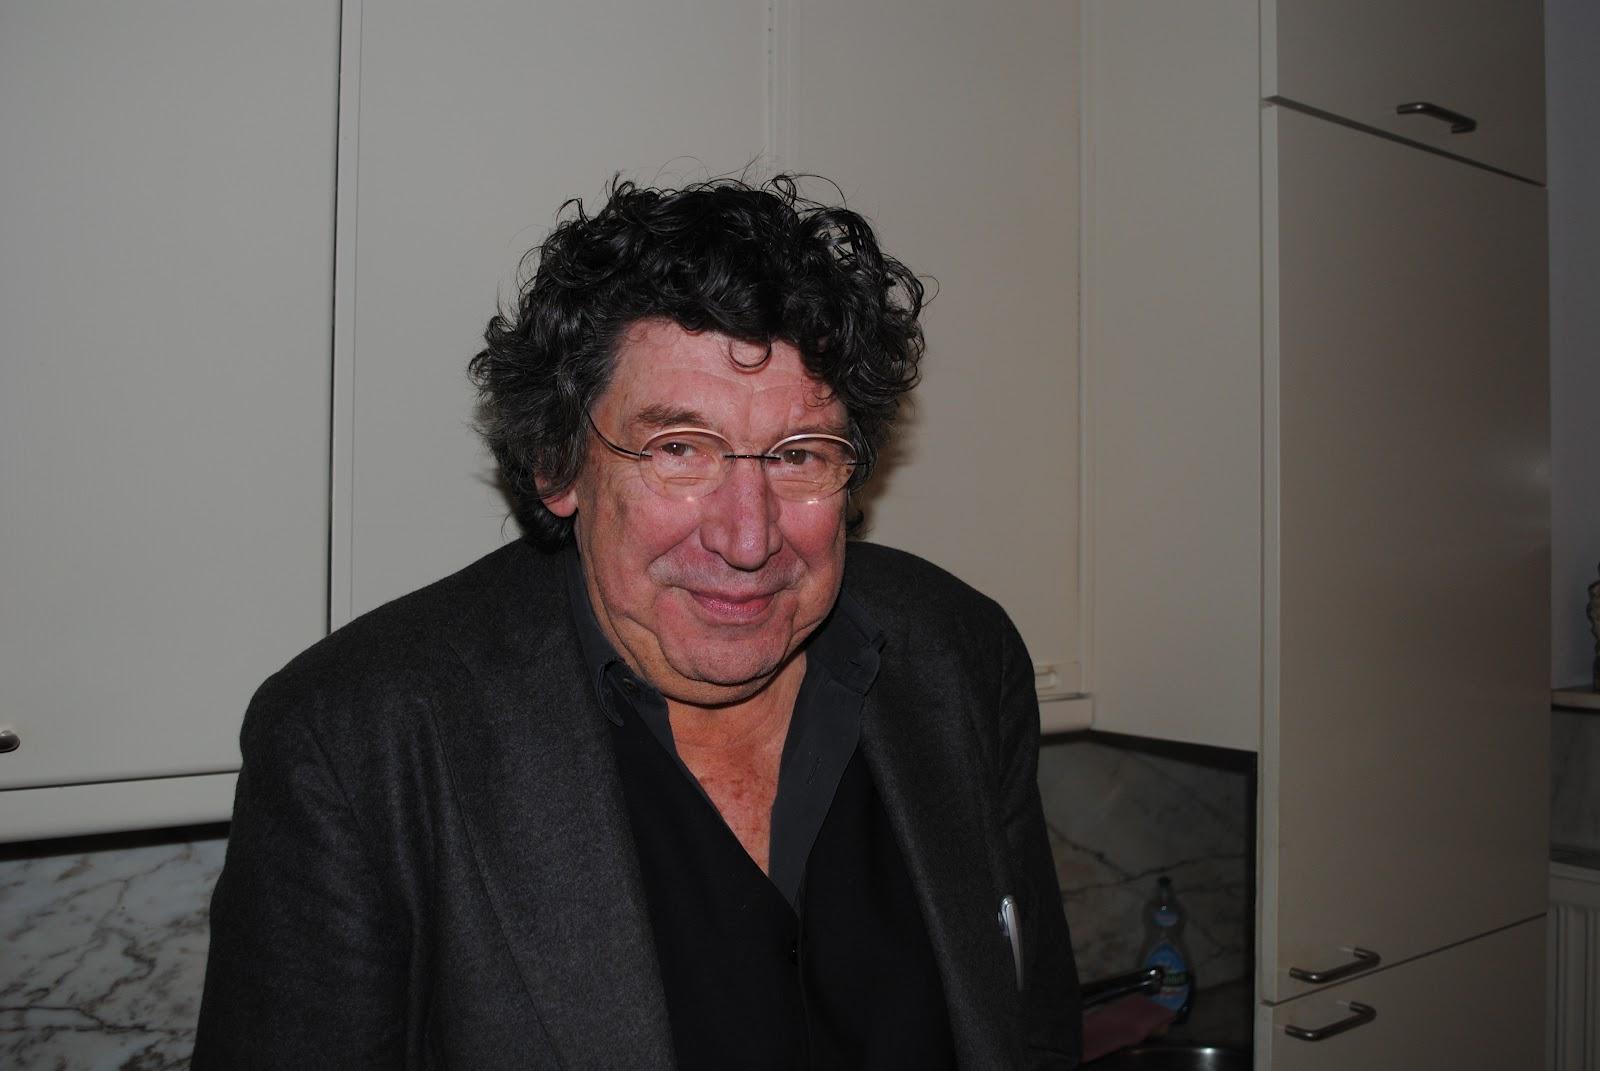 Peter Patzak